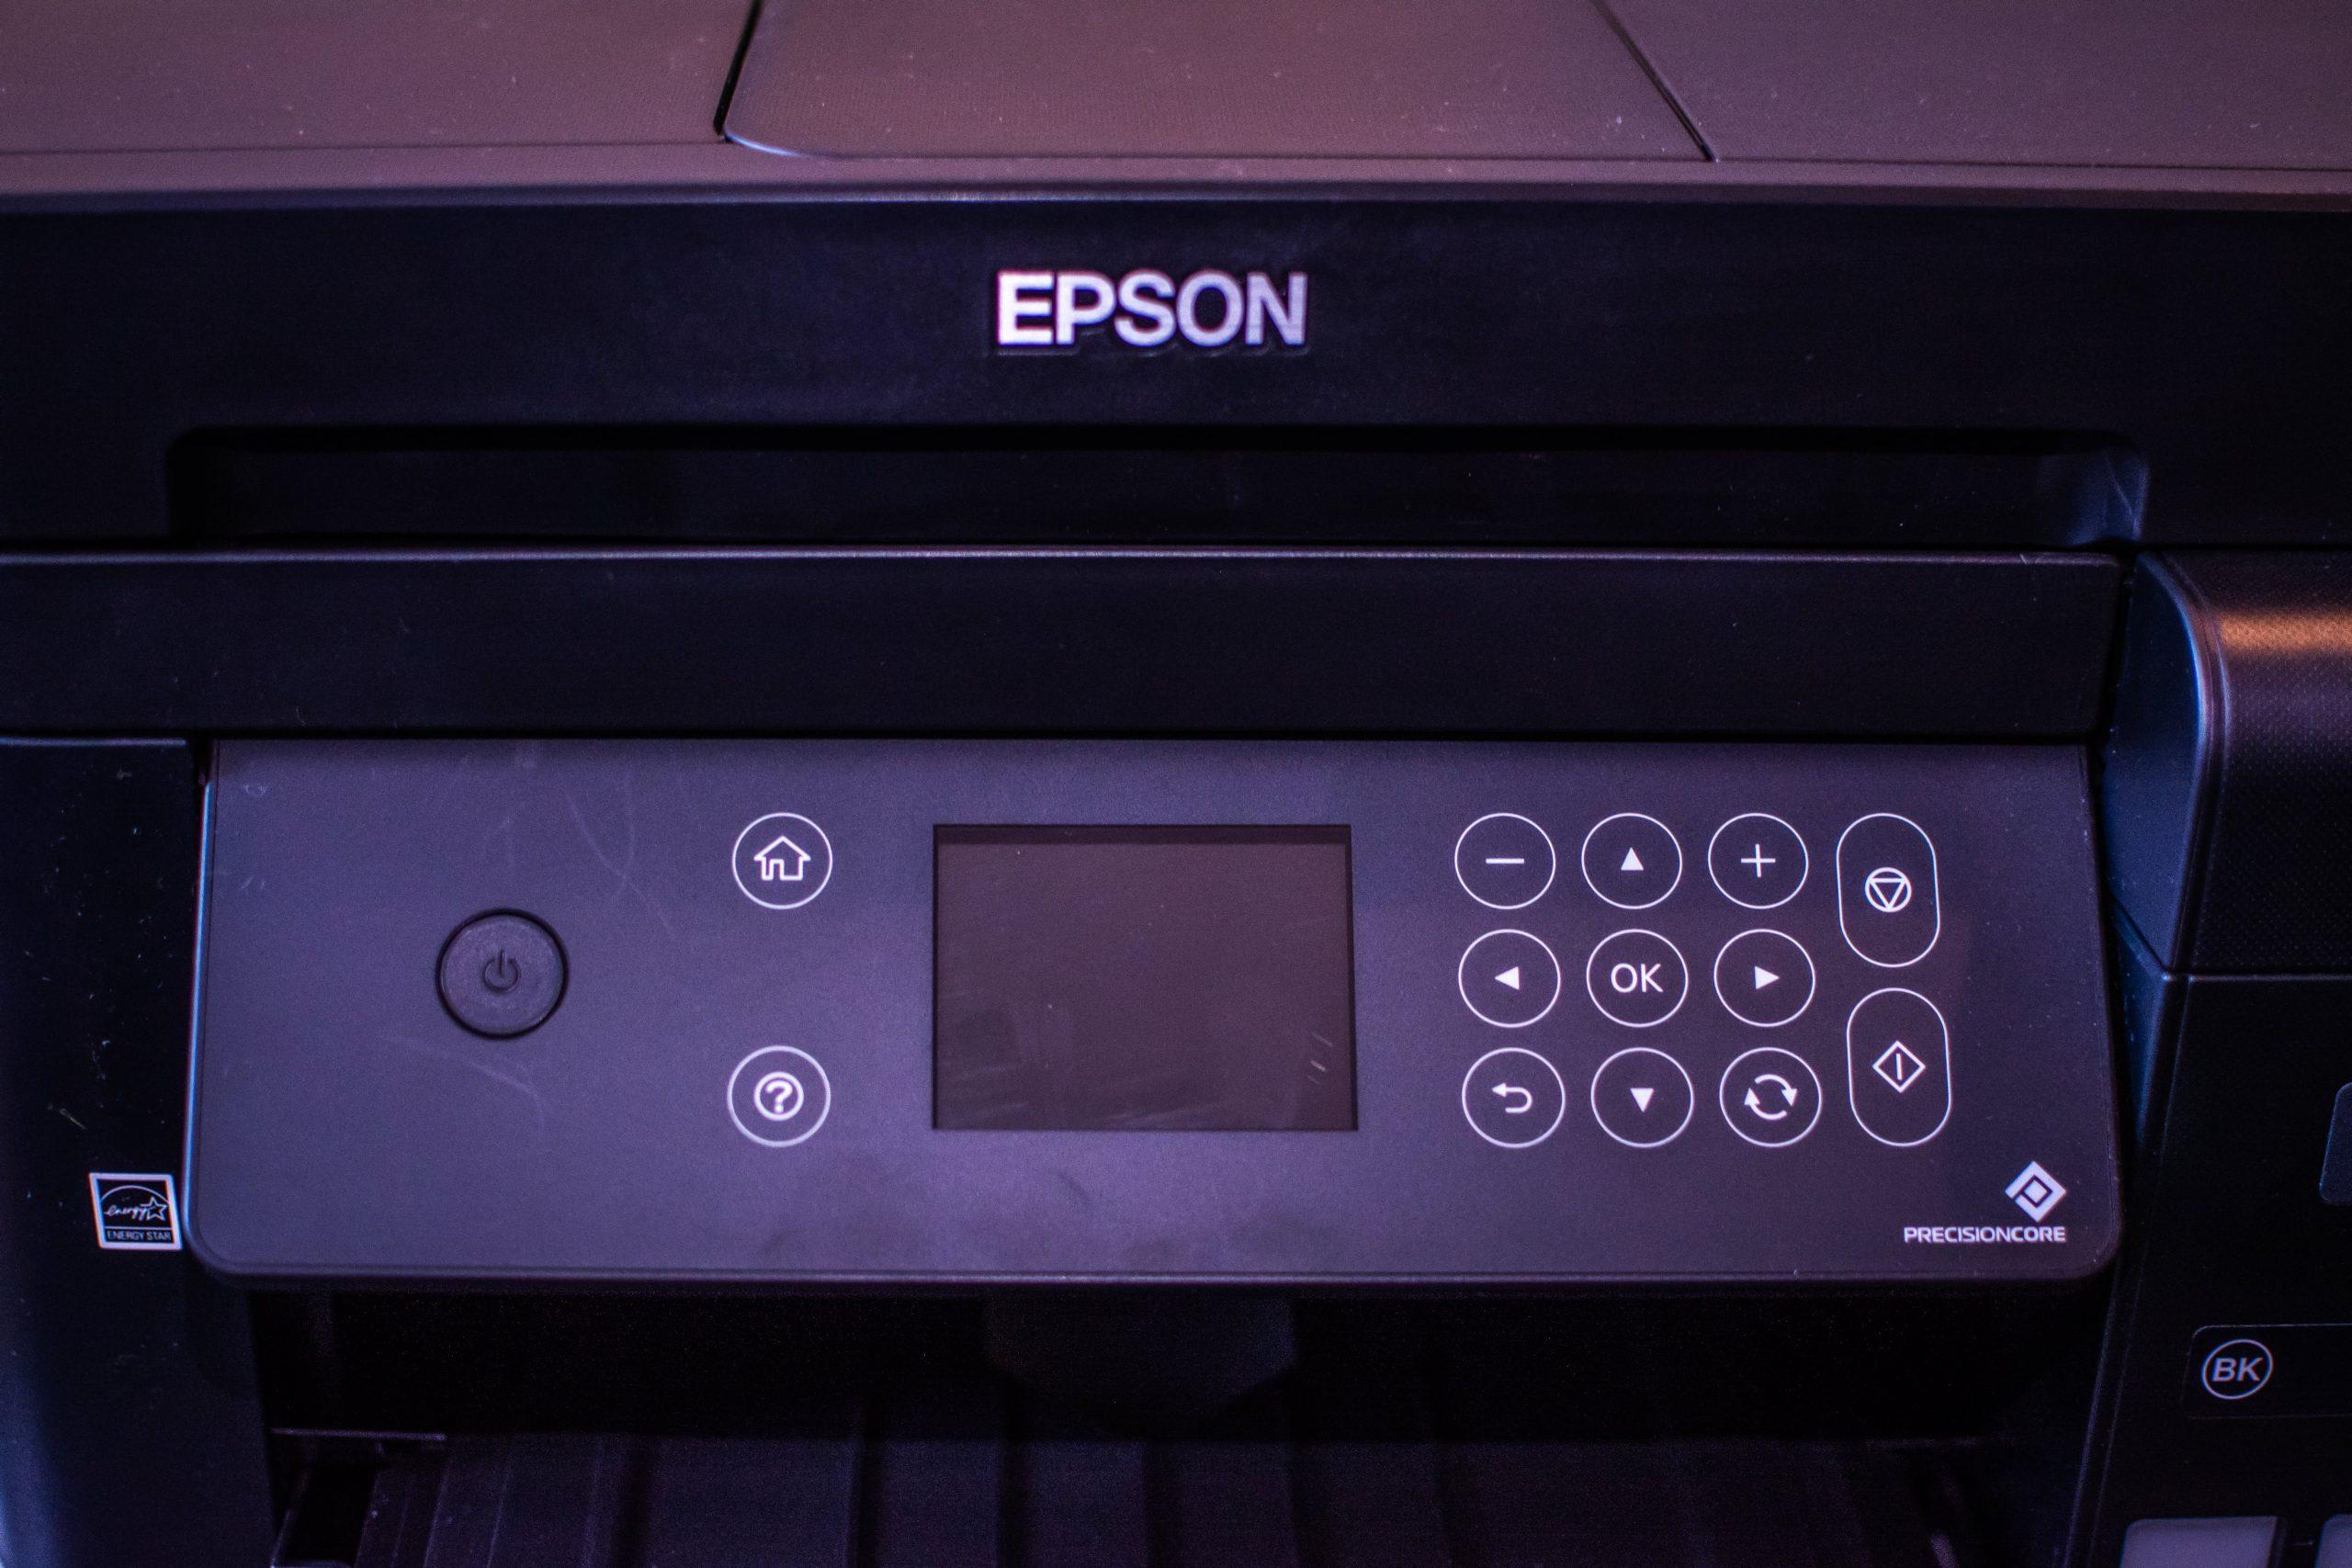 Cum te poate ajuta o imprimanta de zi cu zi acasa - Epson L6170 - 2